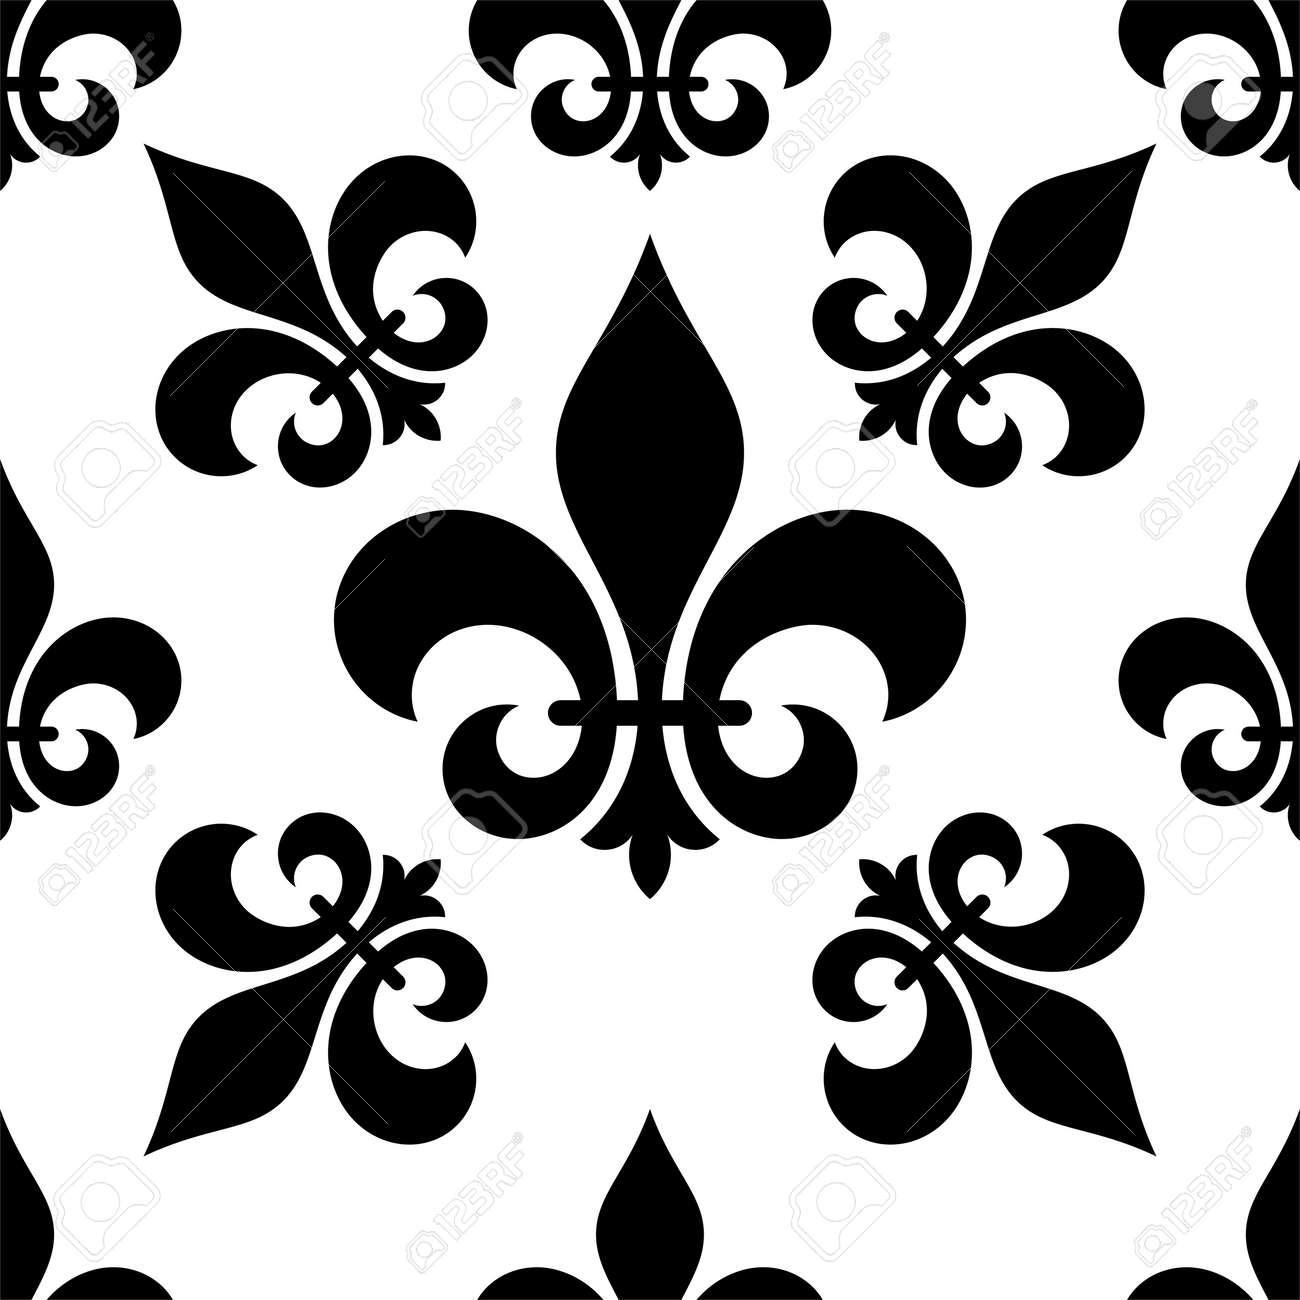 Fleur De Lis Seamless Pattern Fleur De Lys Or Flower De Luce Royalty Free Cliparts Vectors And Stock Illustration Image 106506832